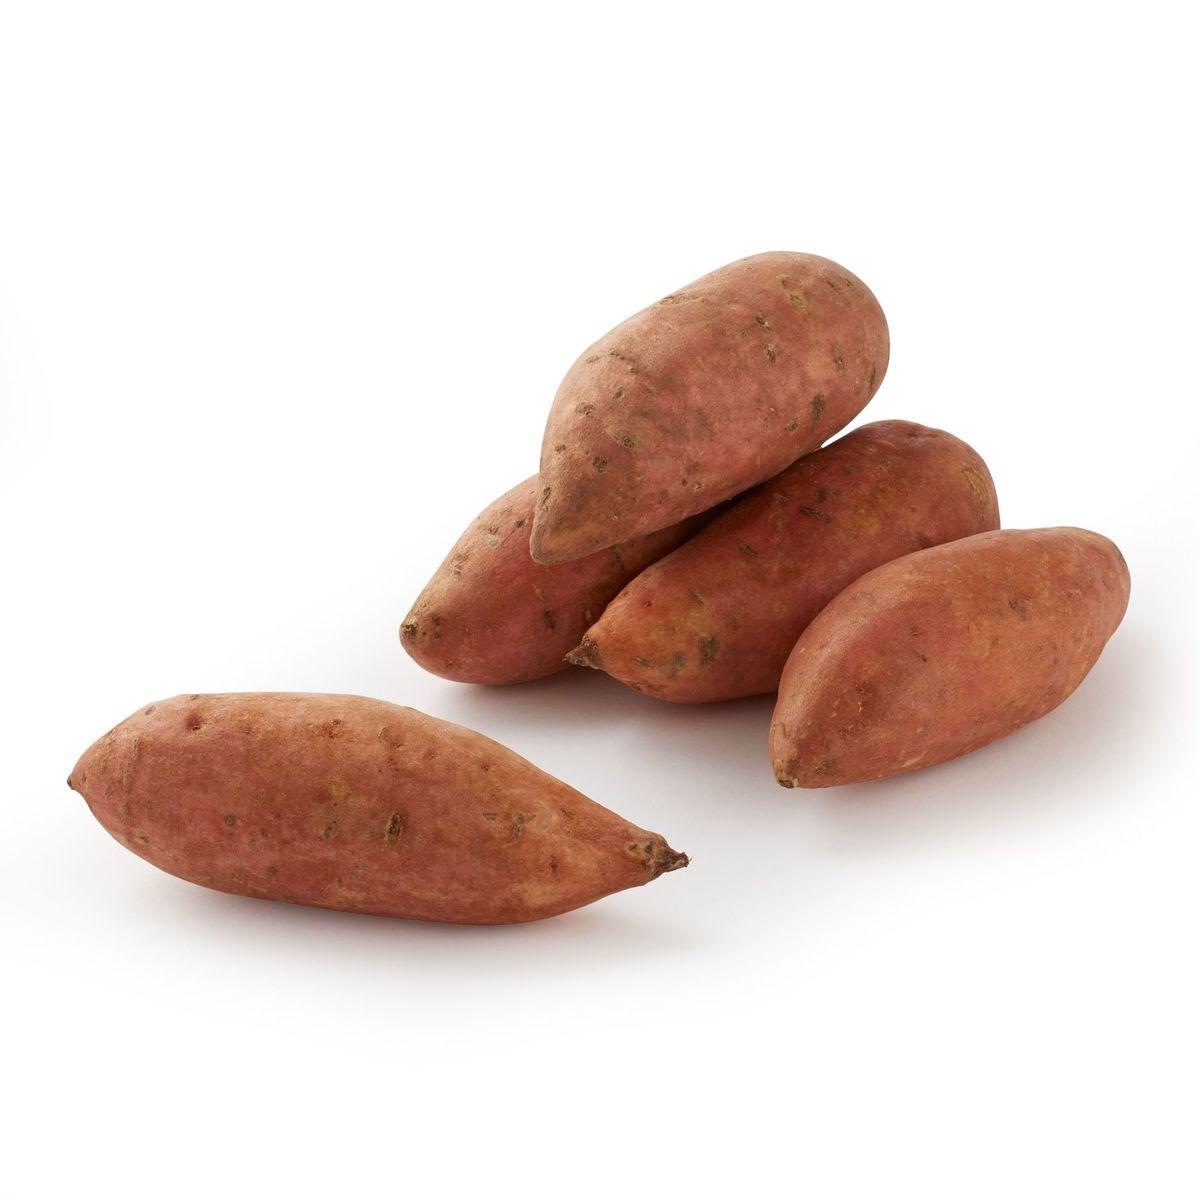 Zoete Aardappelen - 2 stuks